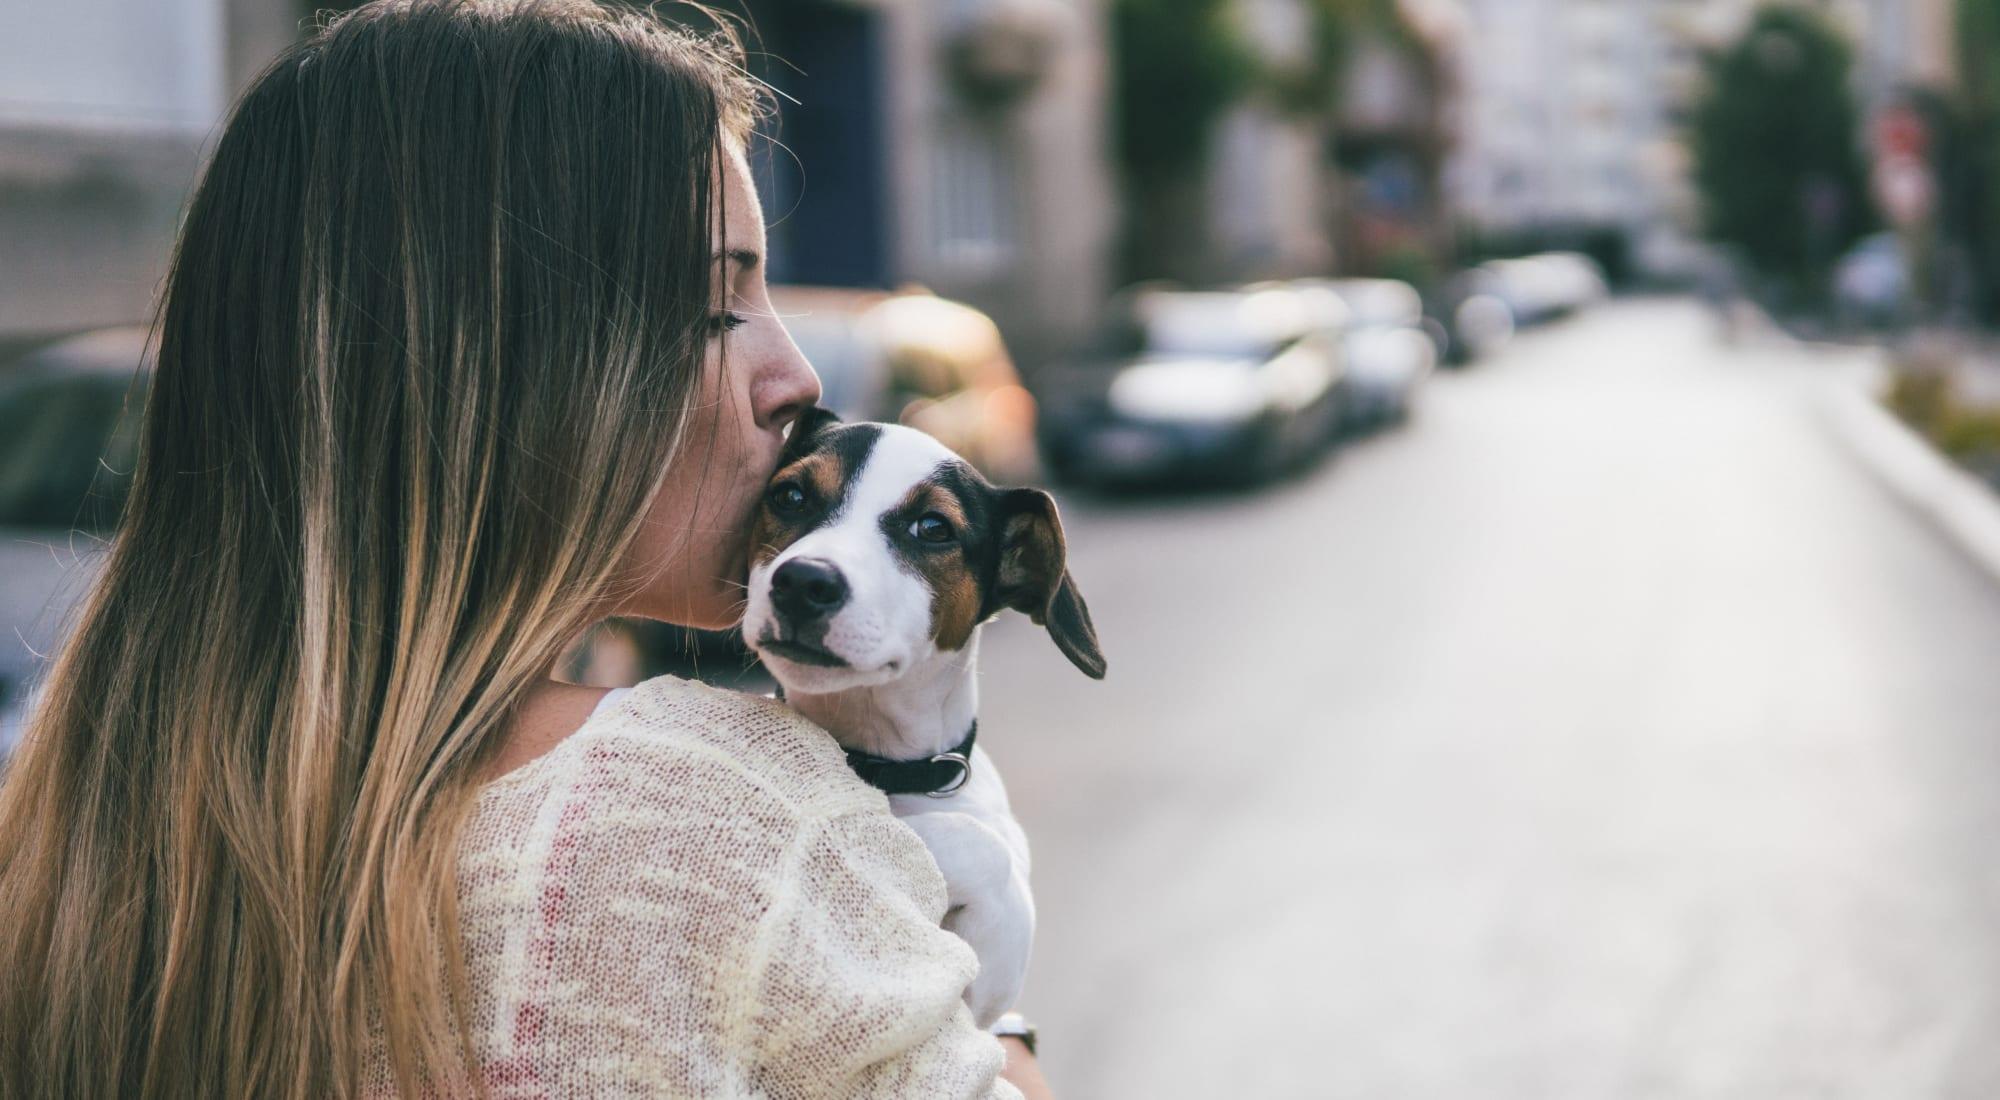 Pet-friendly apartments at Sofi Irvine in Irvine, California